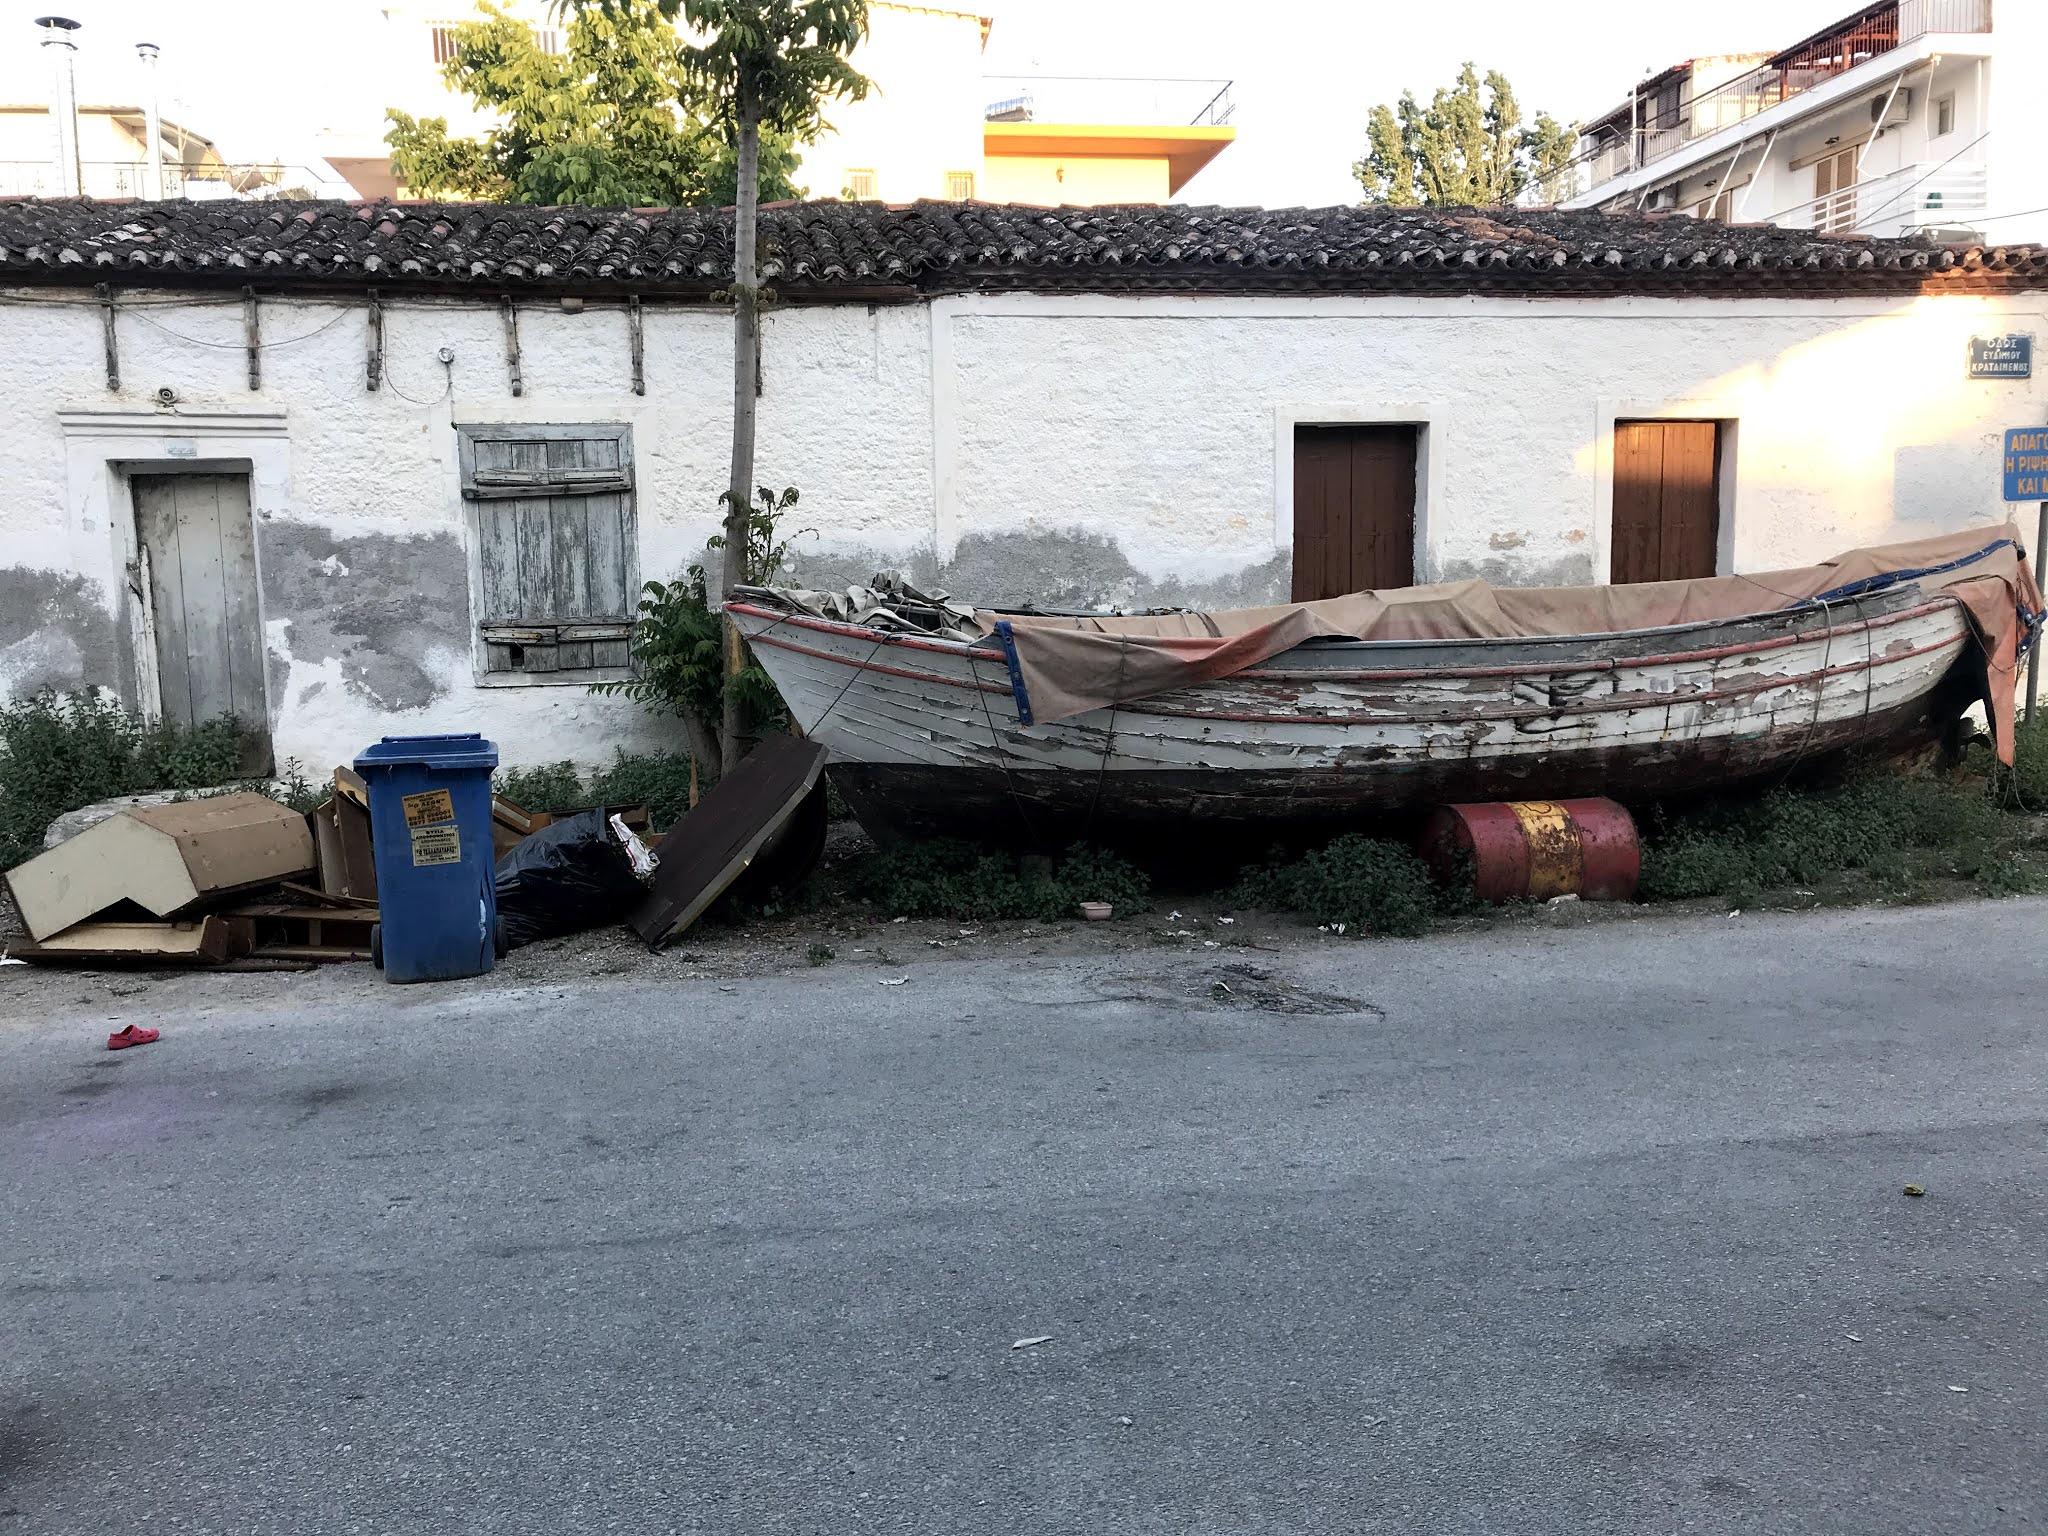 Μία βάρκα την άφησαν στα σκουπίδια. Δίπλα σε έναν μπλε κάδο, σπασμένα έπιπλα και βαρέλια